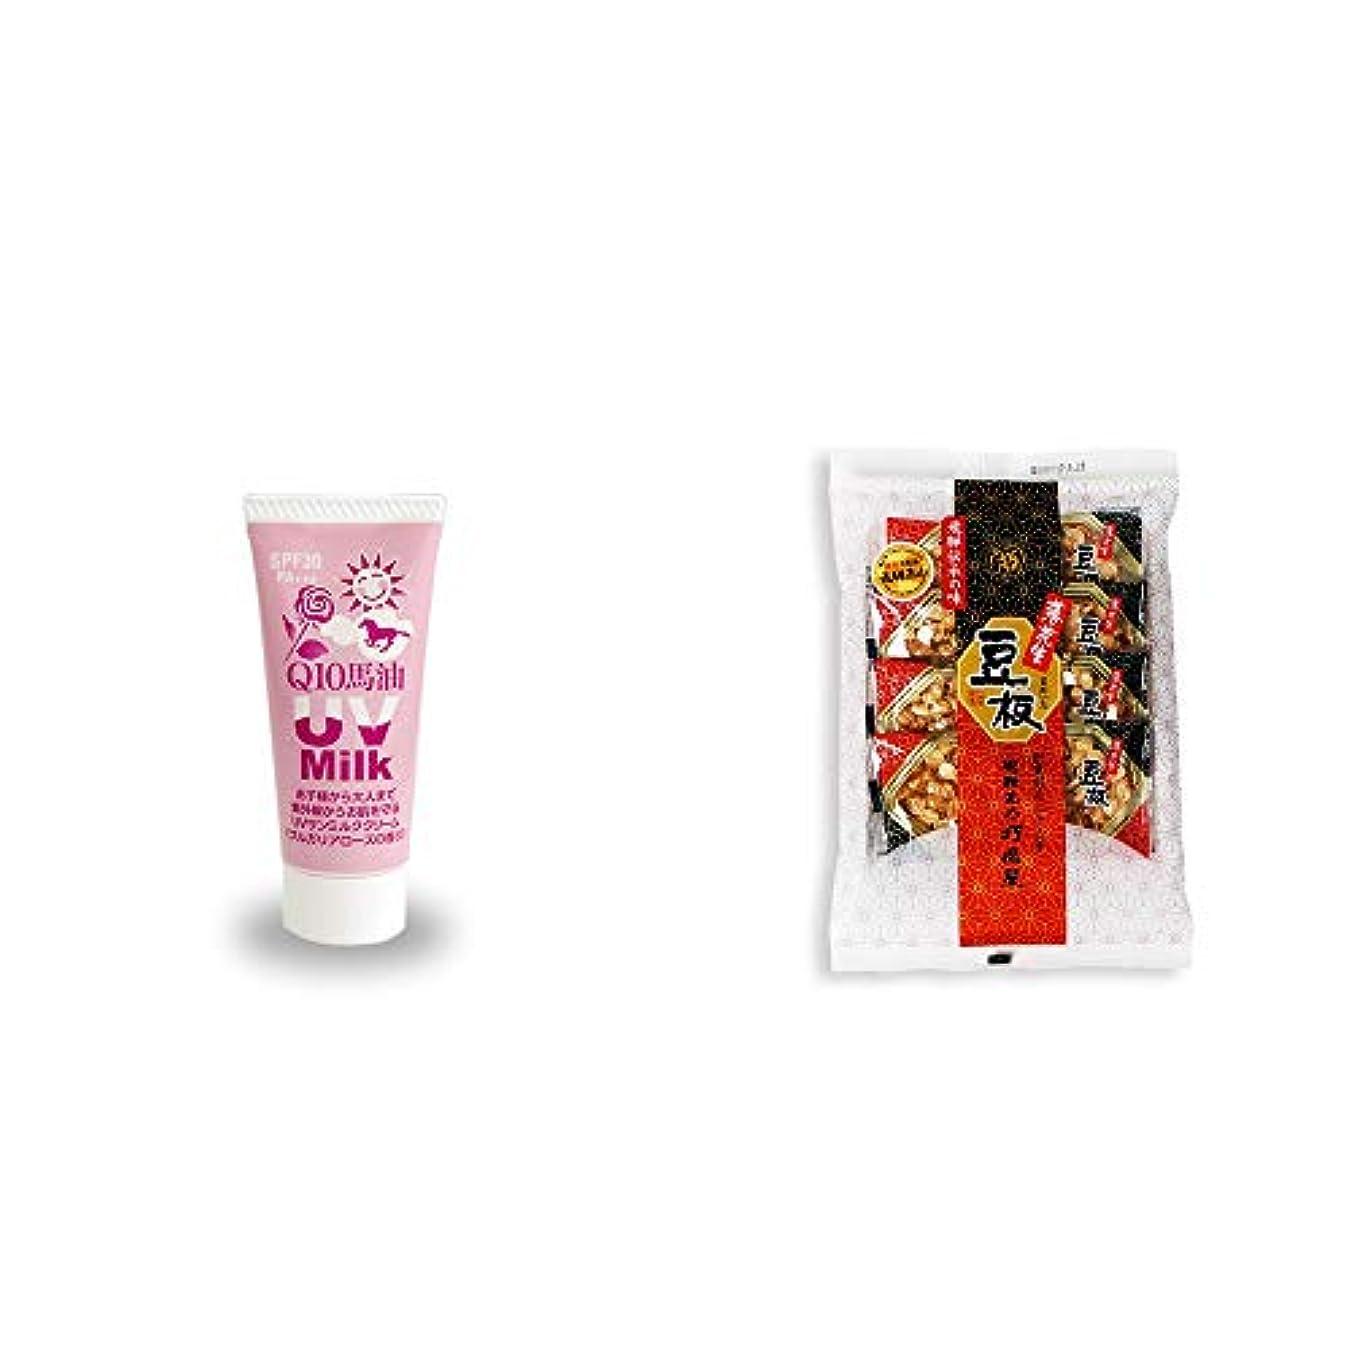 アイスクリームスカイ素子[2点セット] 炭黒泉 Q10馬油 UVサンミルク[ブルガリアローズ](40g)?飛騨銘菓「打保屋」の駄菓子 豆板(8枚入)